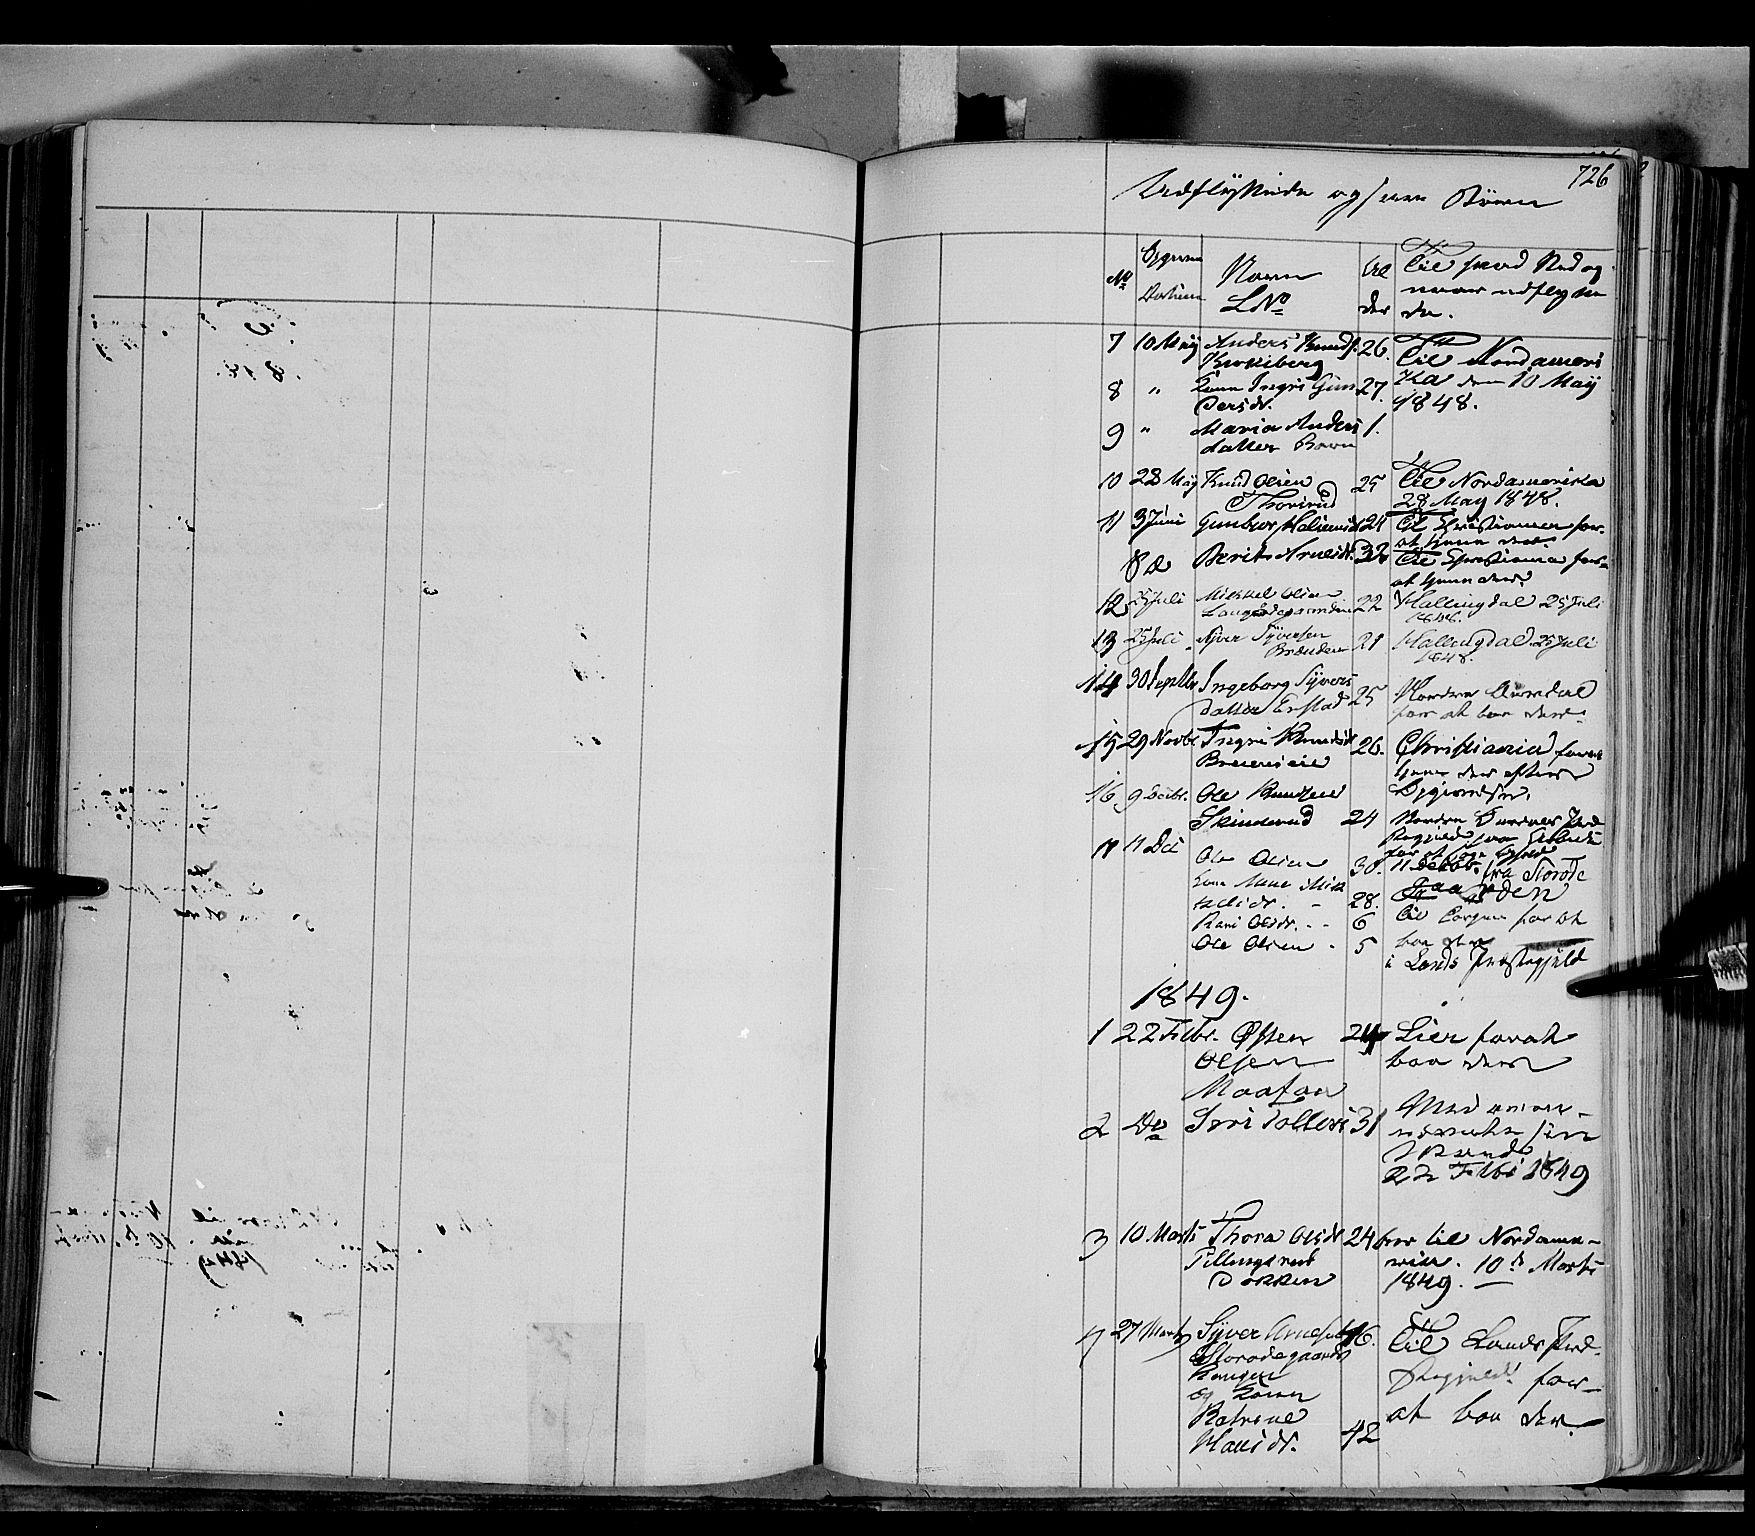 SAH, Sør-Aurdal prestekontor, Ministerialbok nr. 4, 1841-1849, s. 725-726